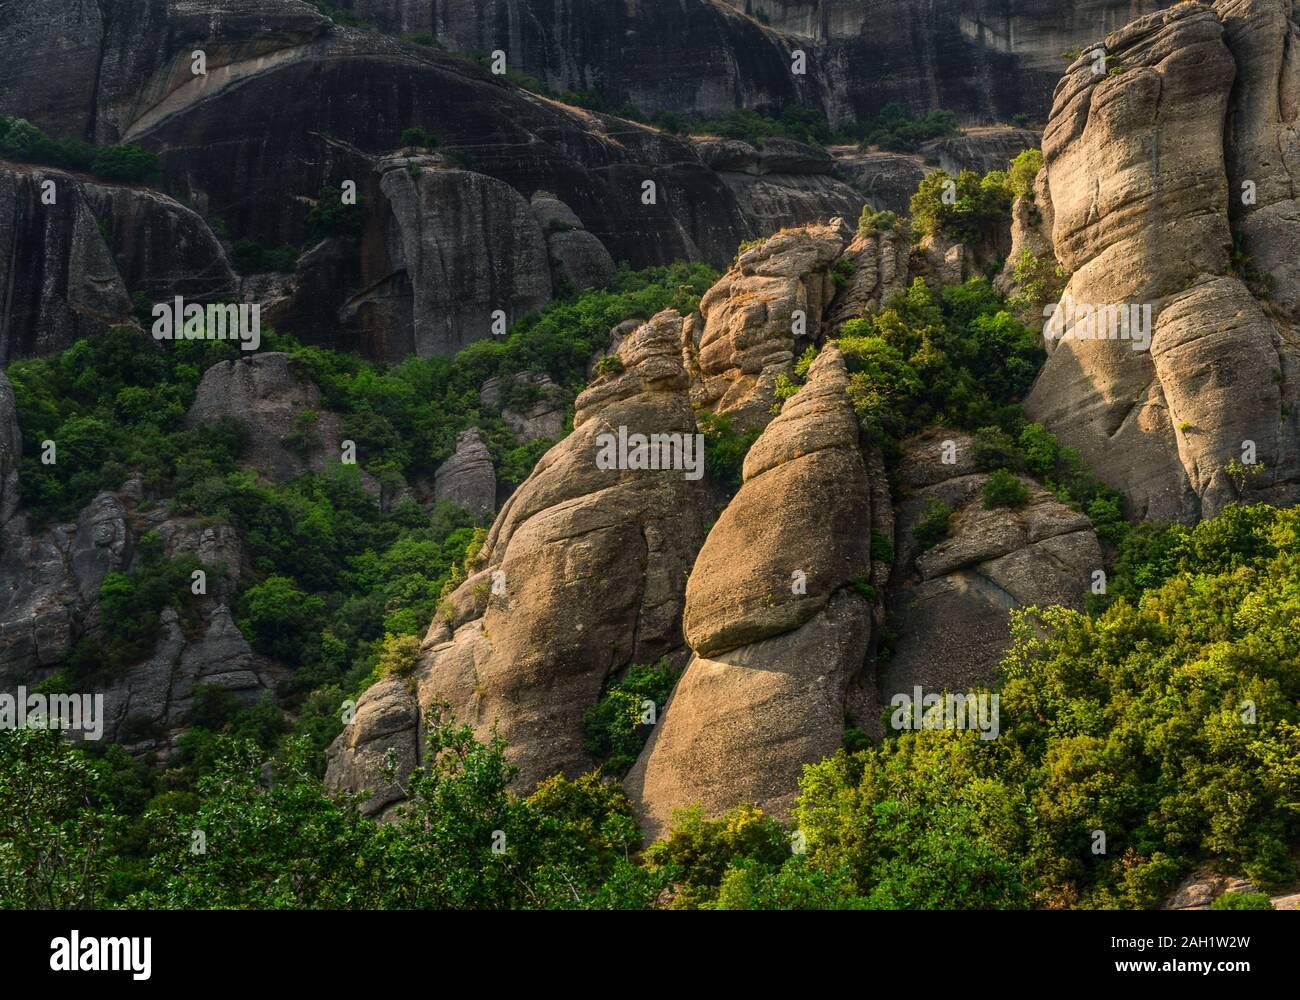 Les arbres à feuilles caduques vert et de montagne en Grèce close up l'horizontale Banque D'Images